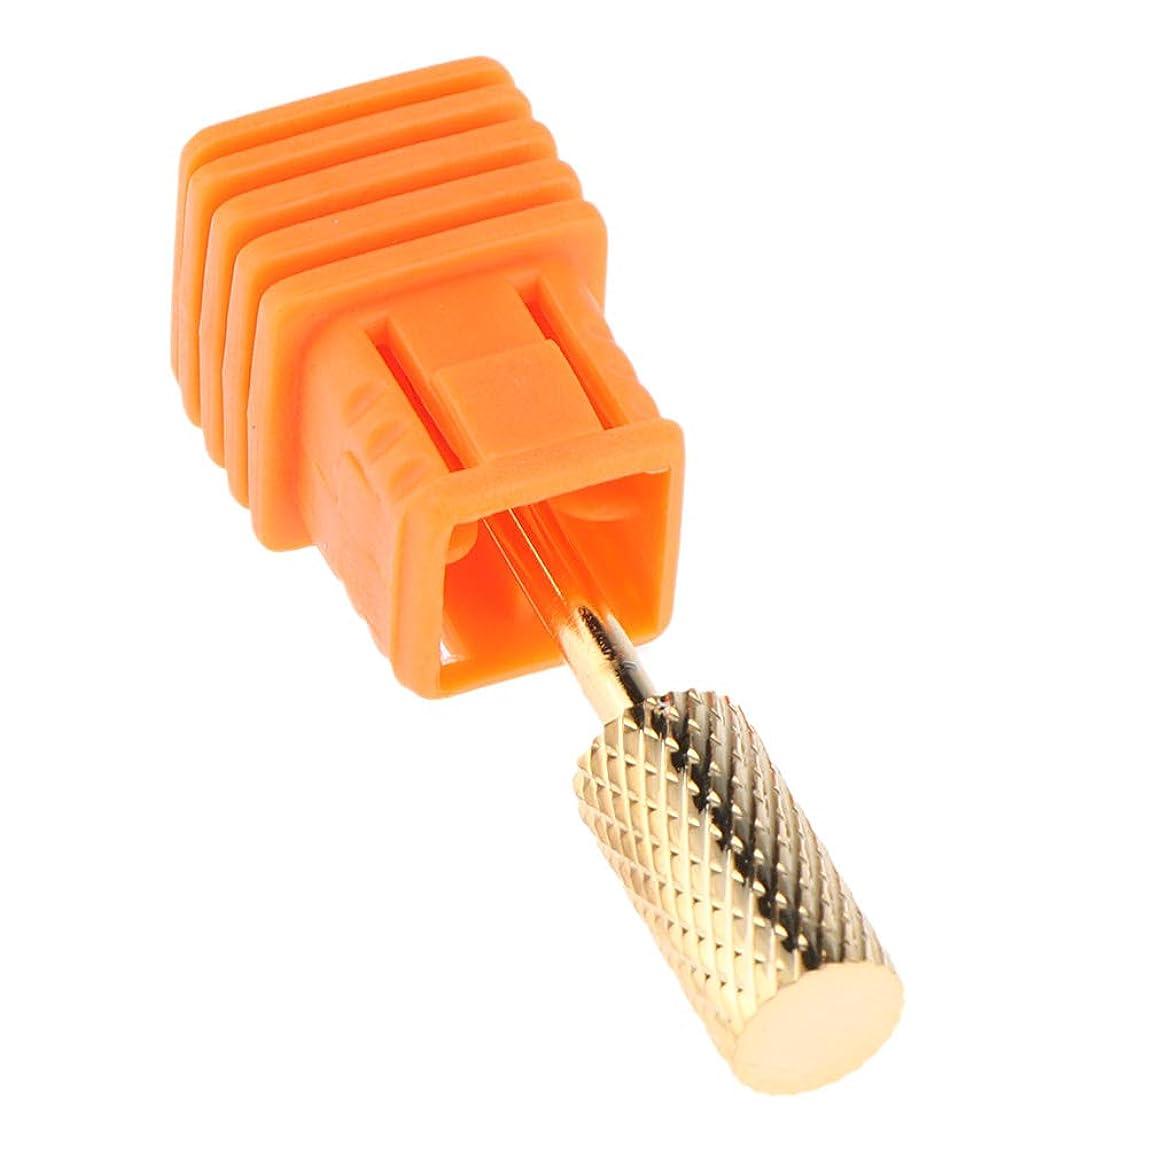 明らかにするトランザクション名前でB Blesiya ネイルドリルビット ネイルビット ネイルチップ 耐久性 ネイル道具 6スタイル選べ - C